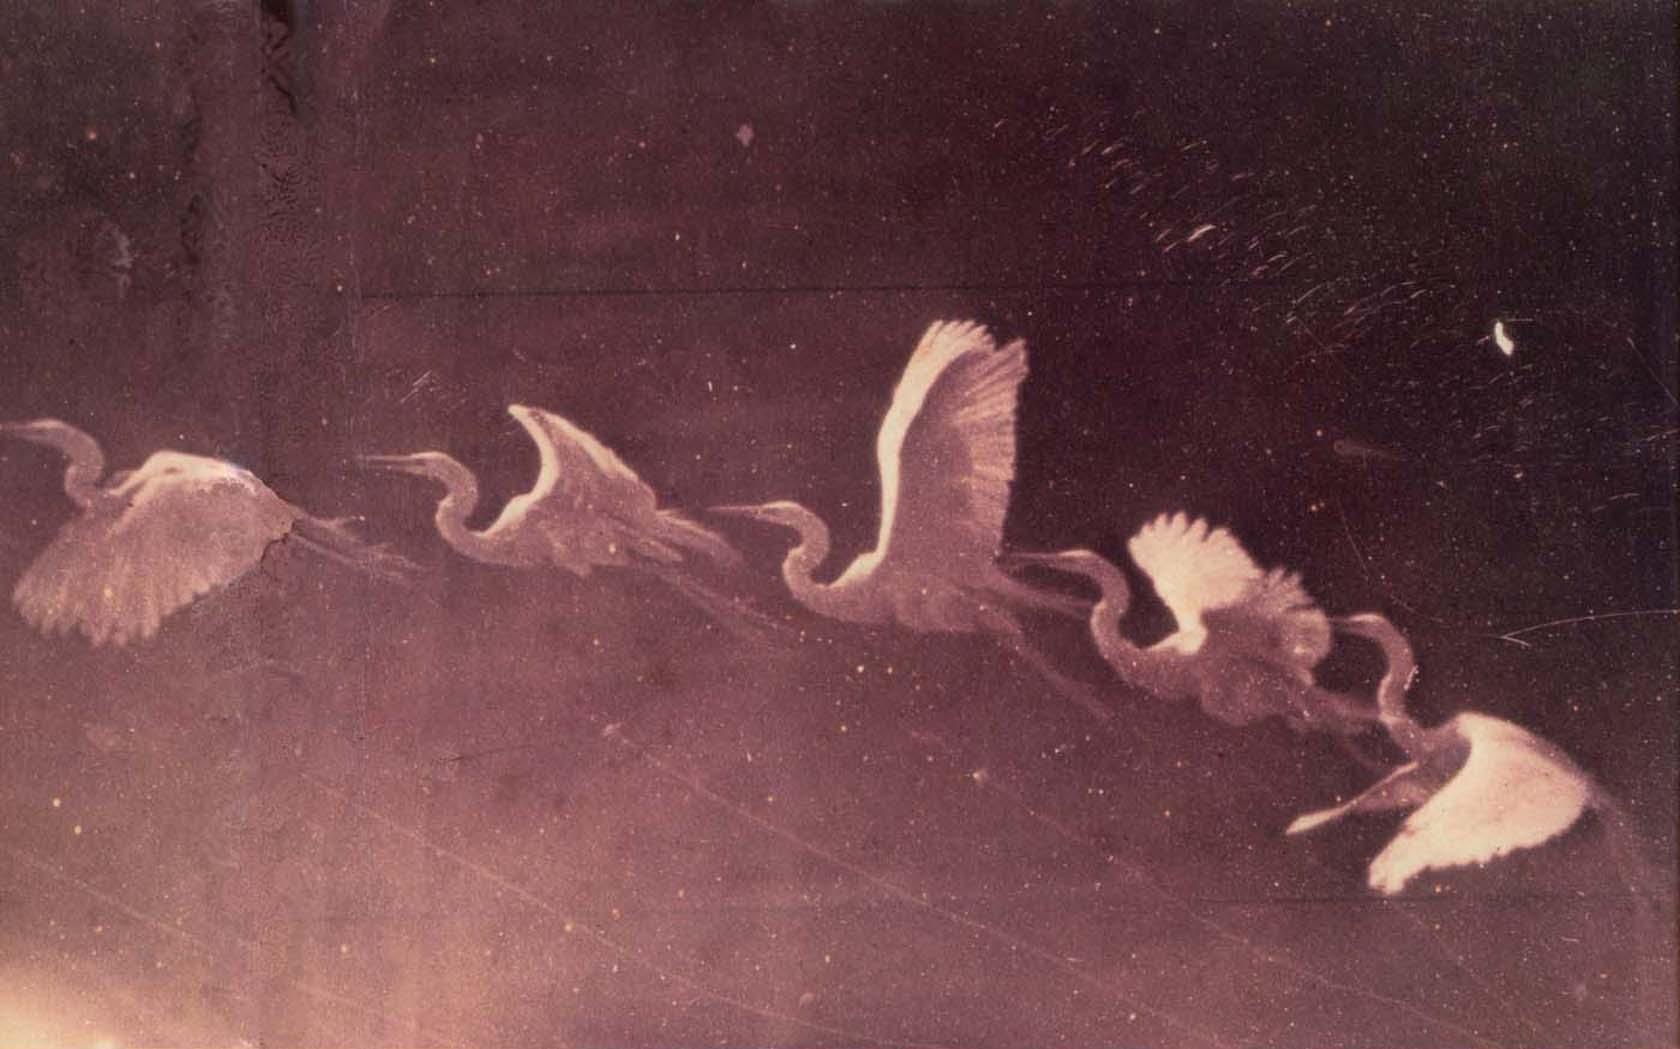 Chronophotographie, Étienne-Jules Marey , 1830 - 1904. Frans leren ,Vivienne Stringa